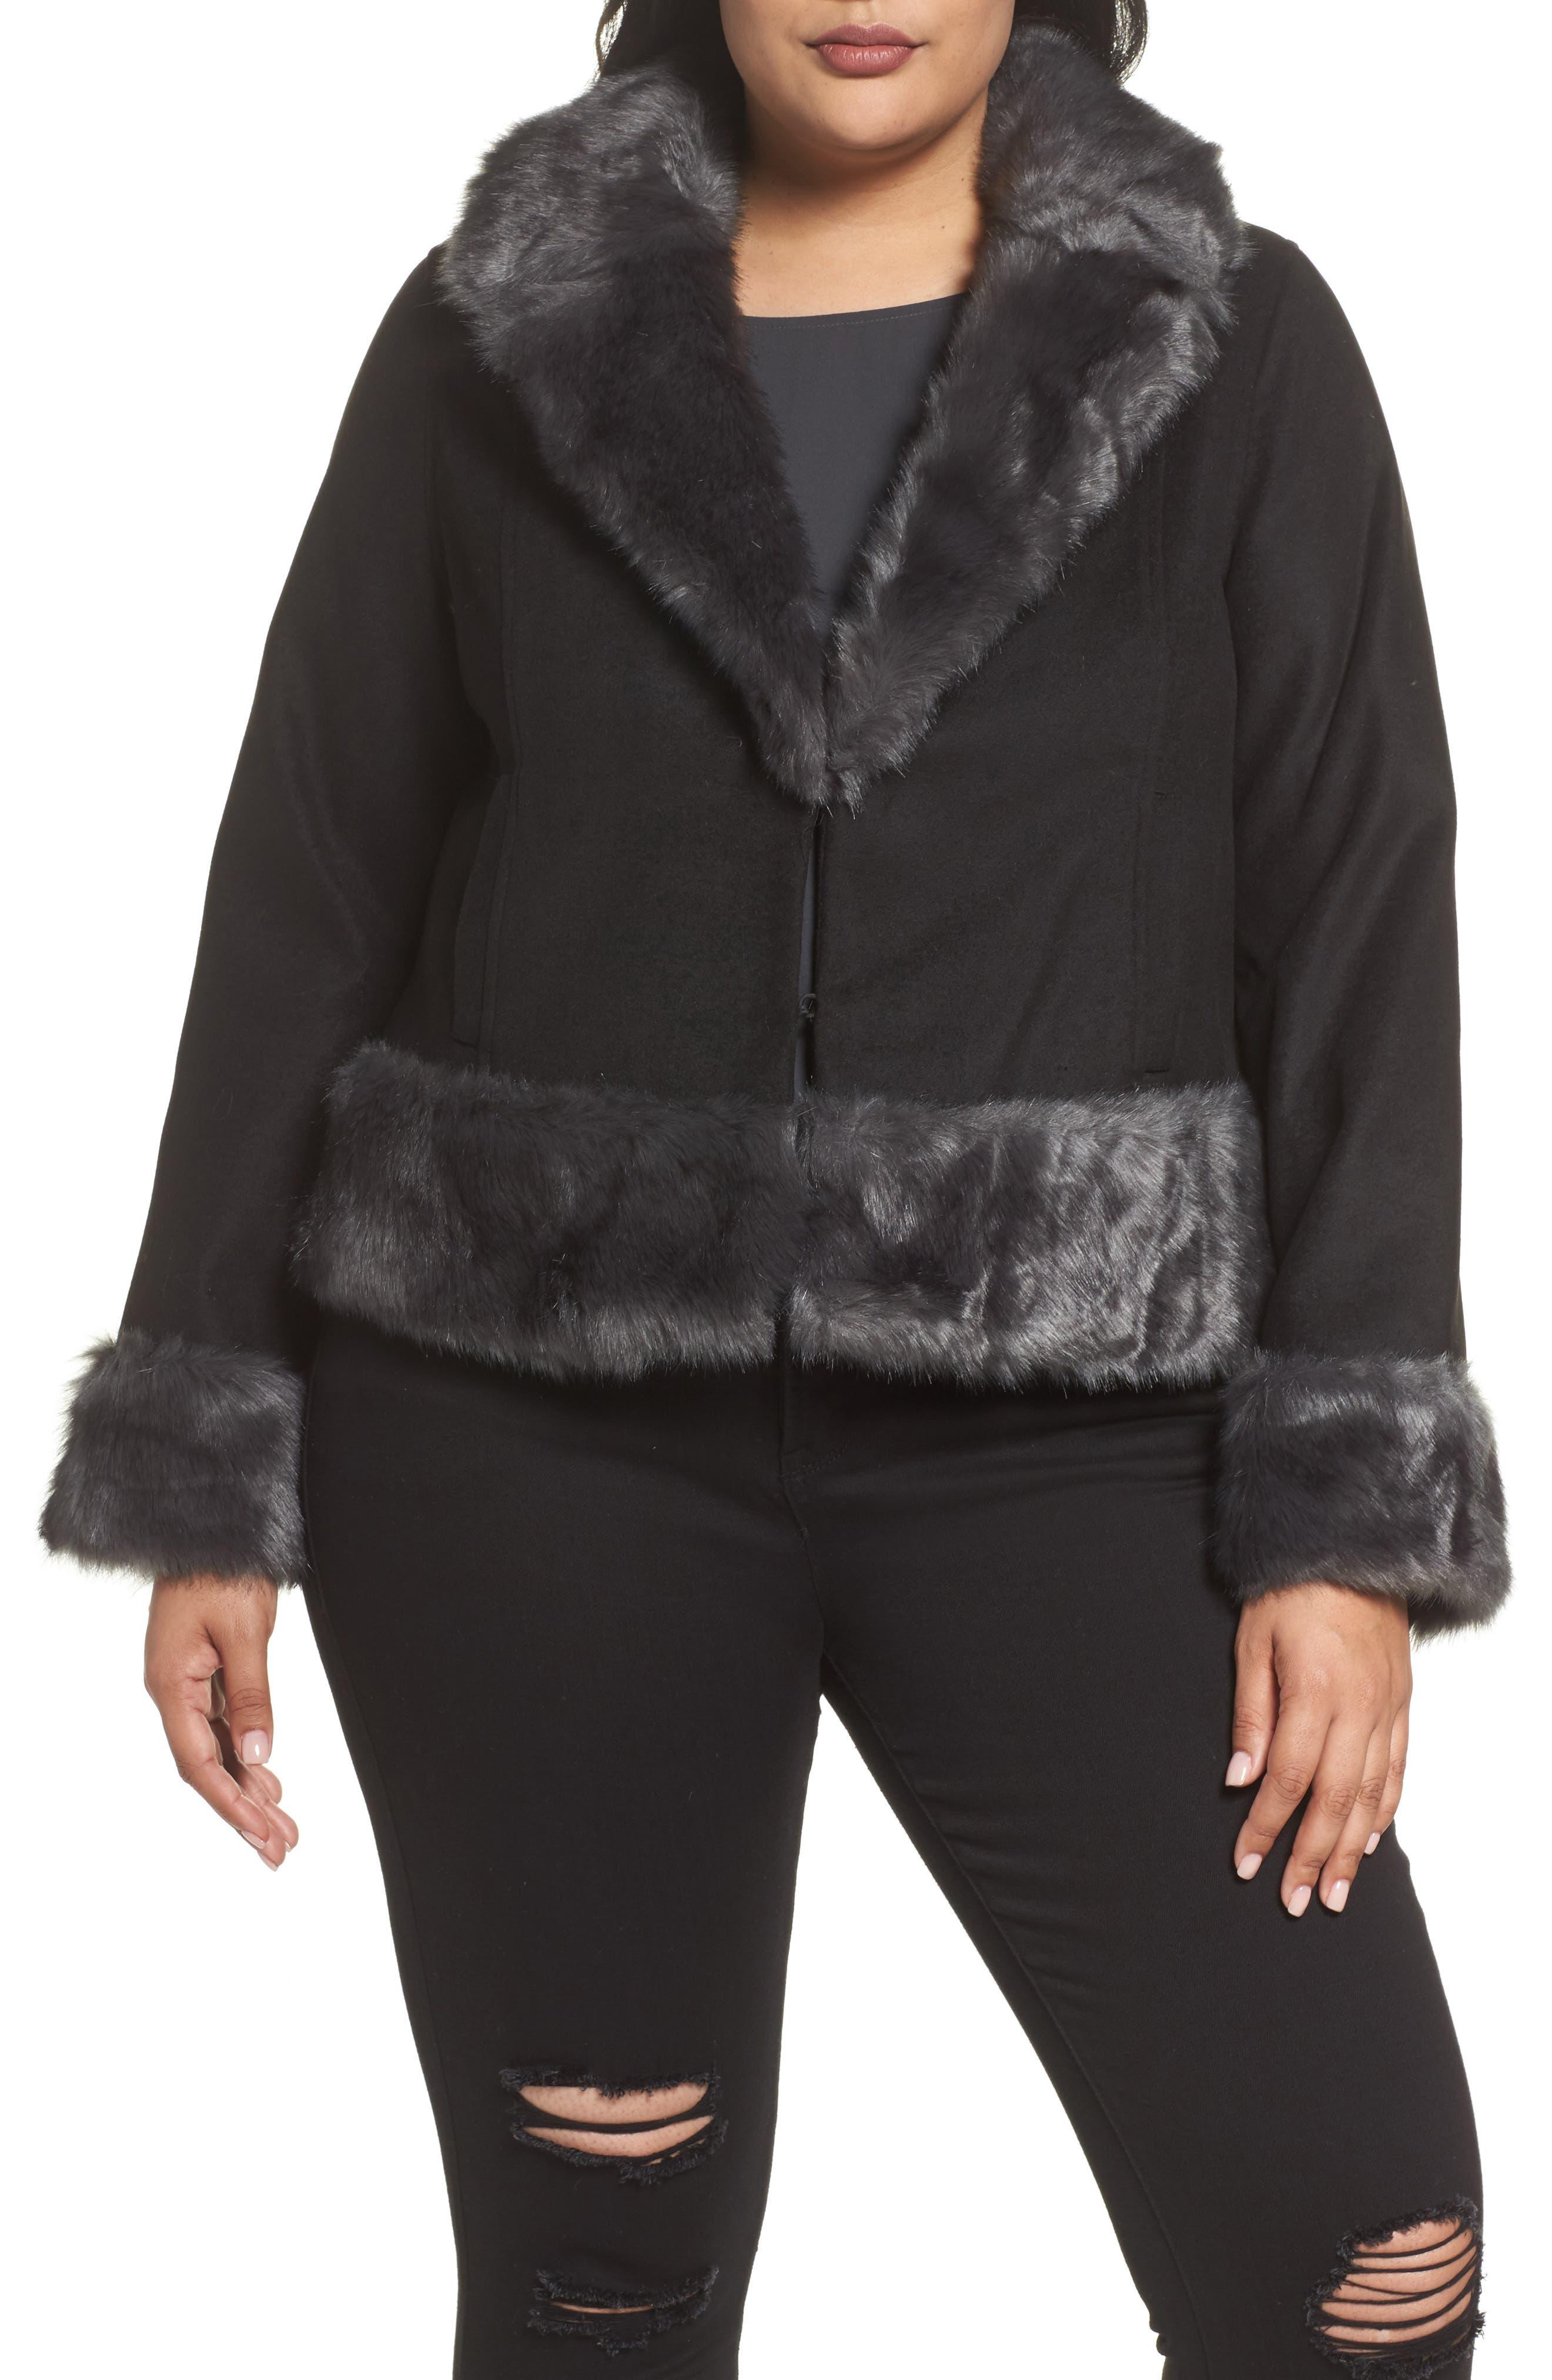 Jacket with Faux Fur Trim,                             Alternate thumbnail 4, color,                             001